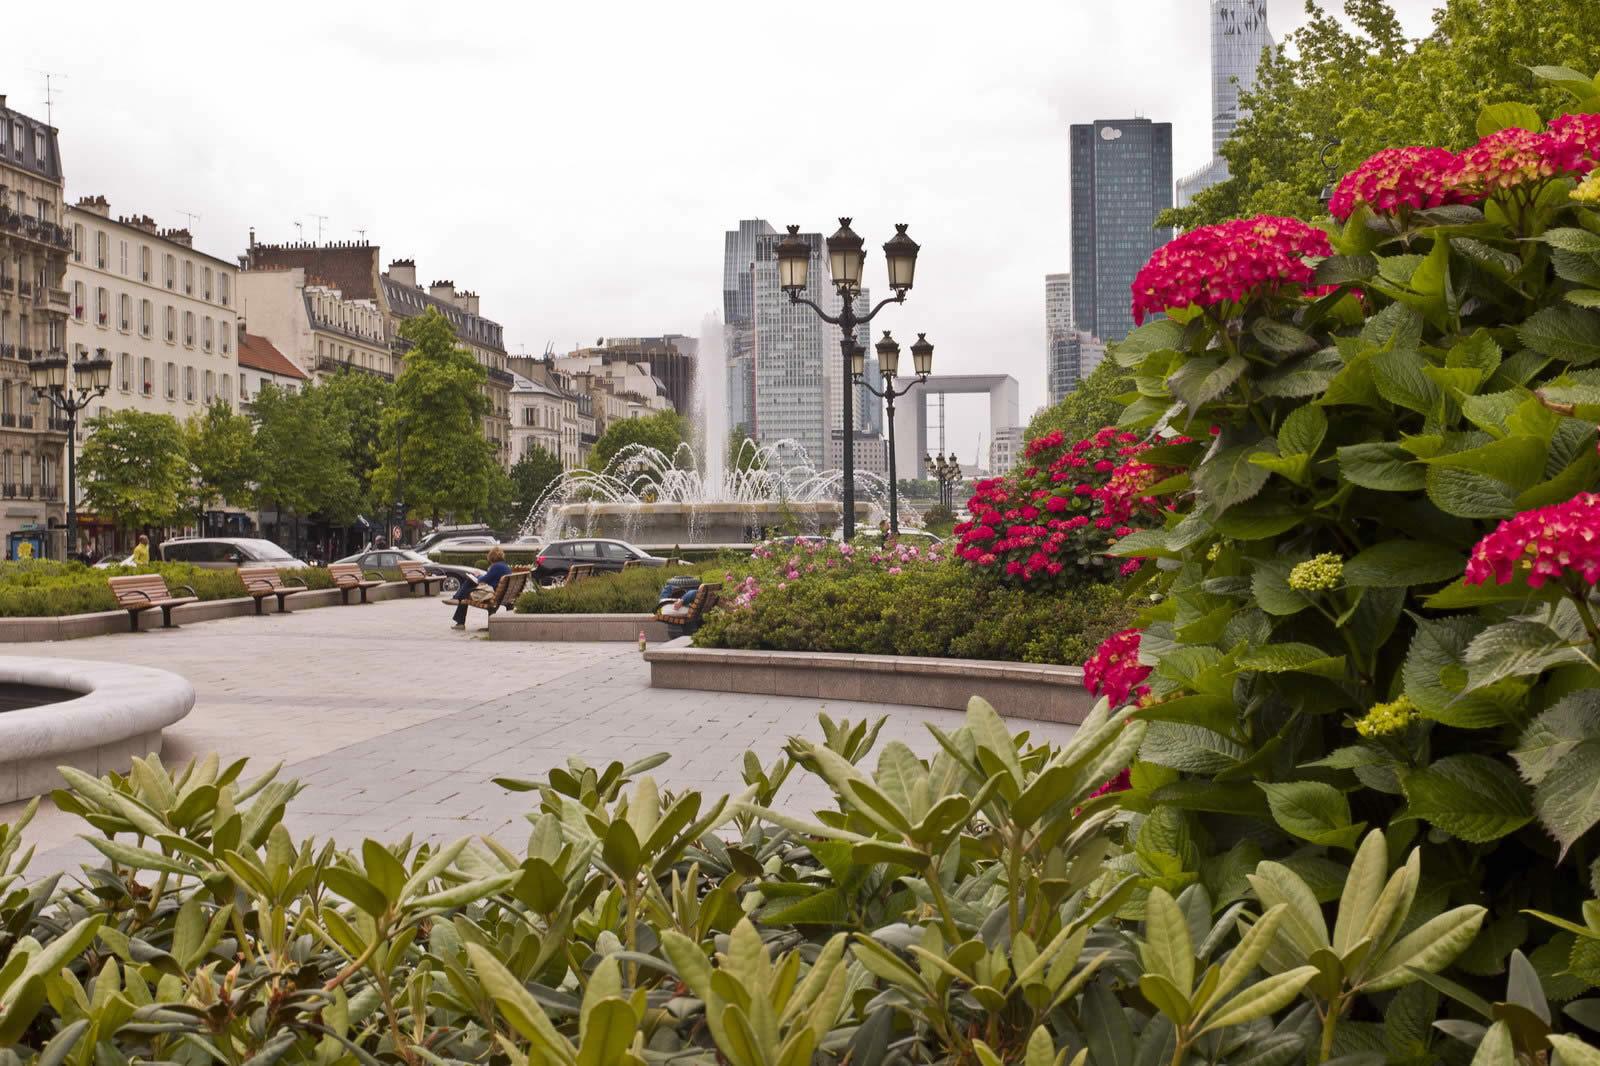 vivre-quartier-sablonville-bagatelle-saint-james-chesy-place-saint-foy-lile-de-la-jatte